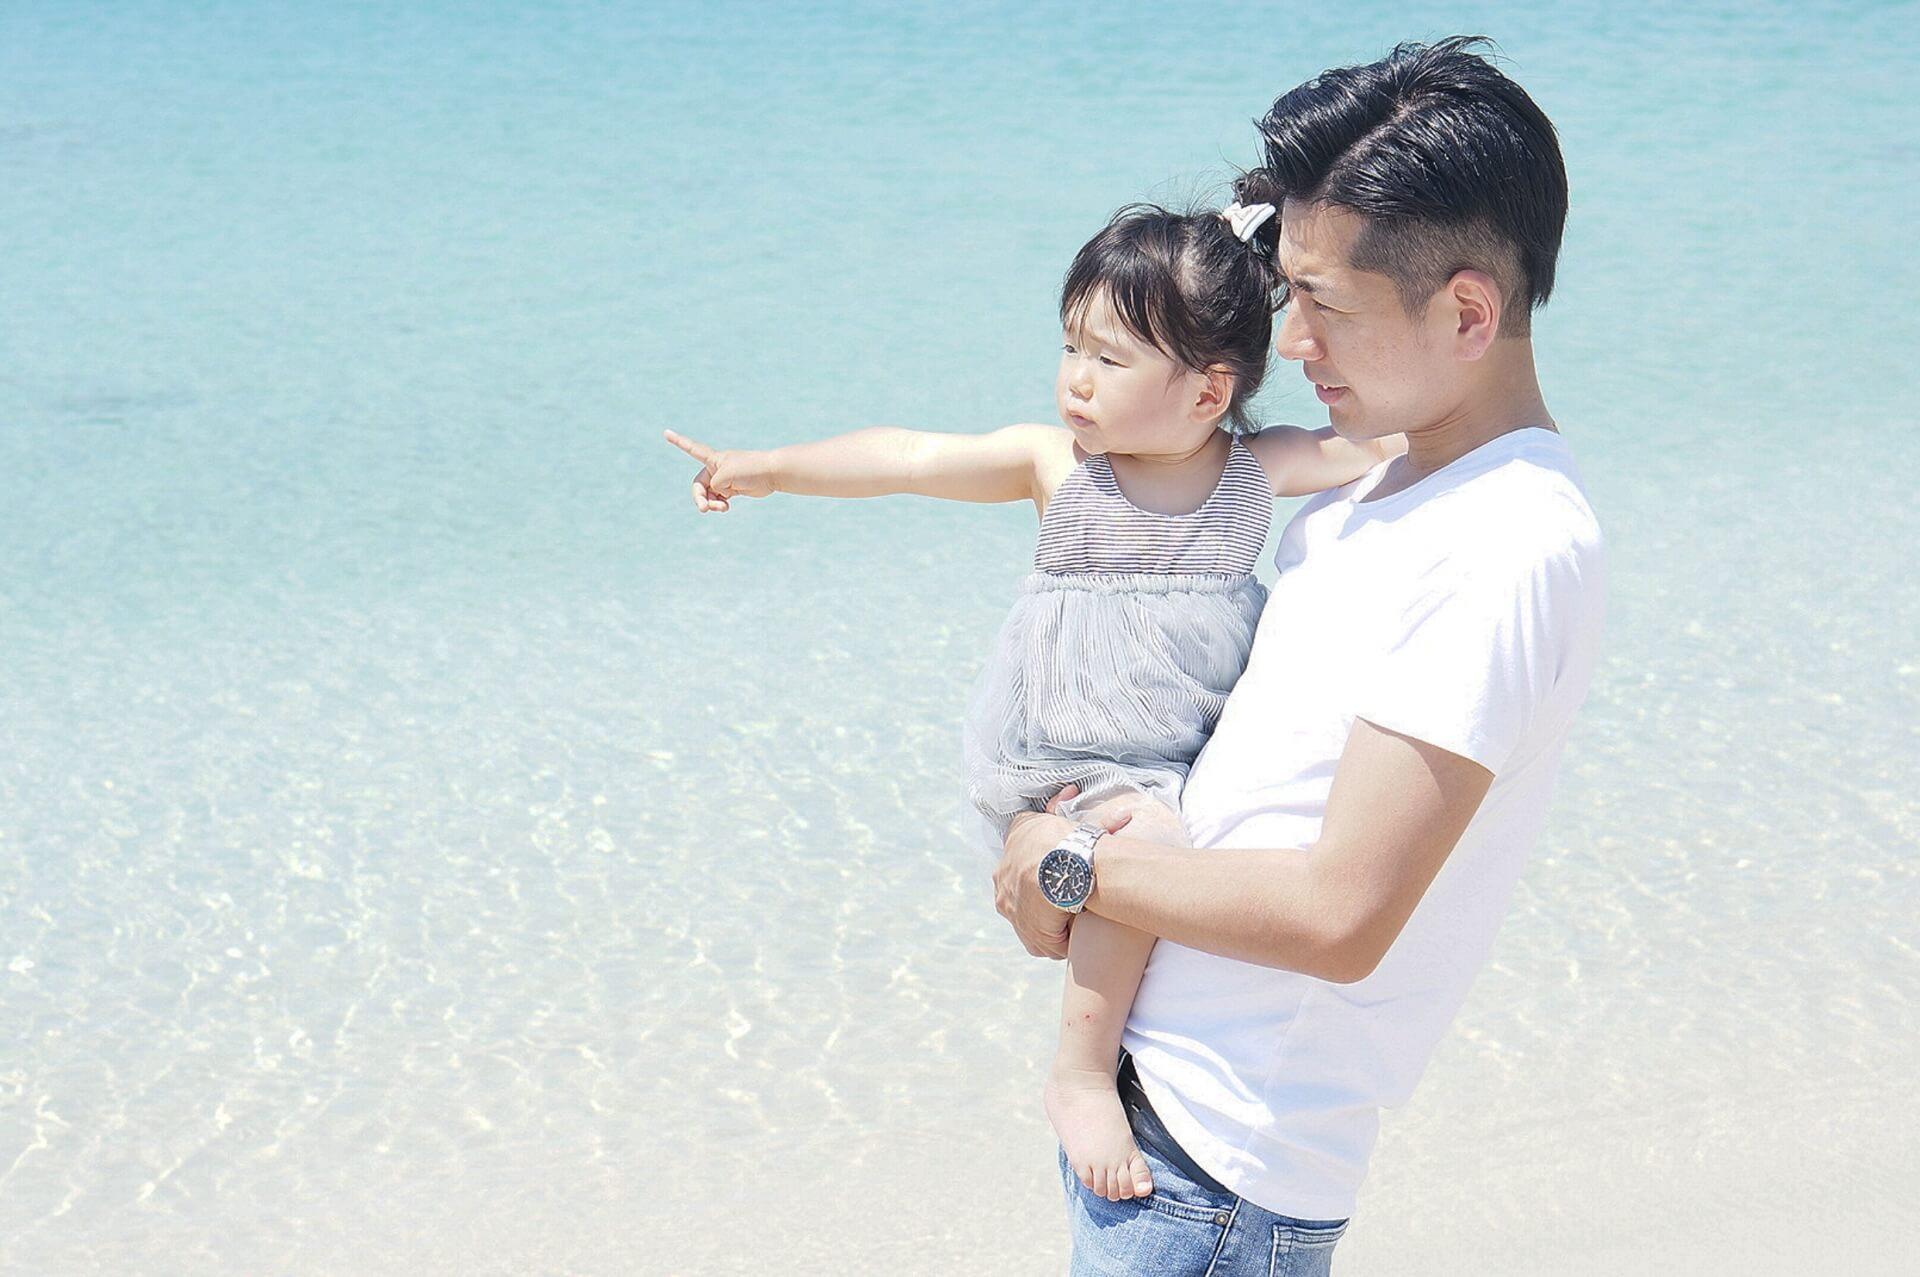 子育てのなかでの父親の5つの役割。大事なのは行動で示すこと ...